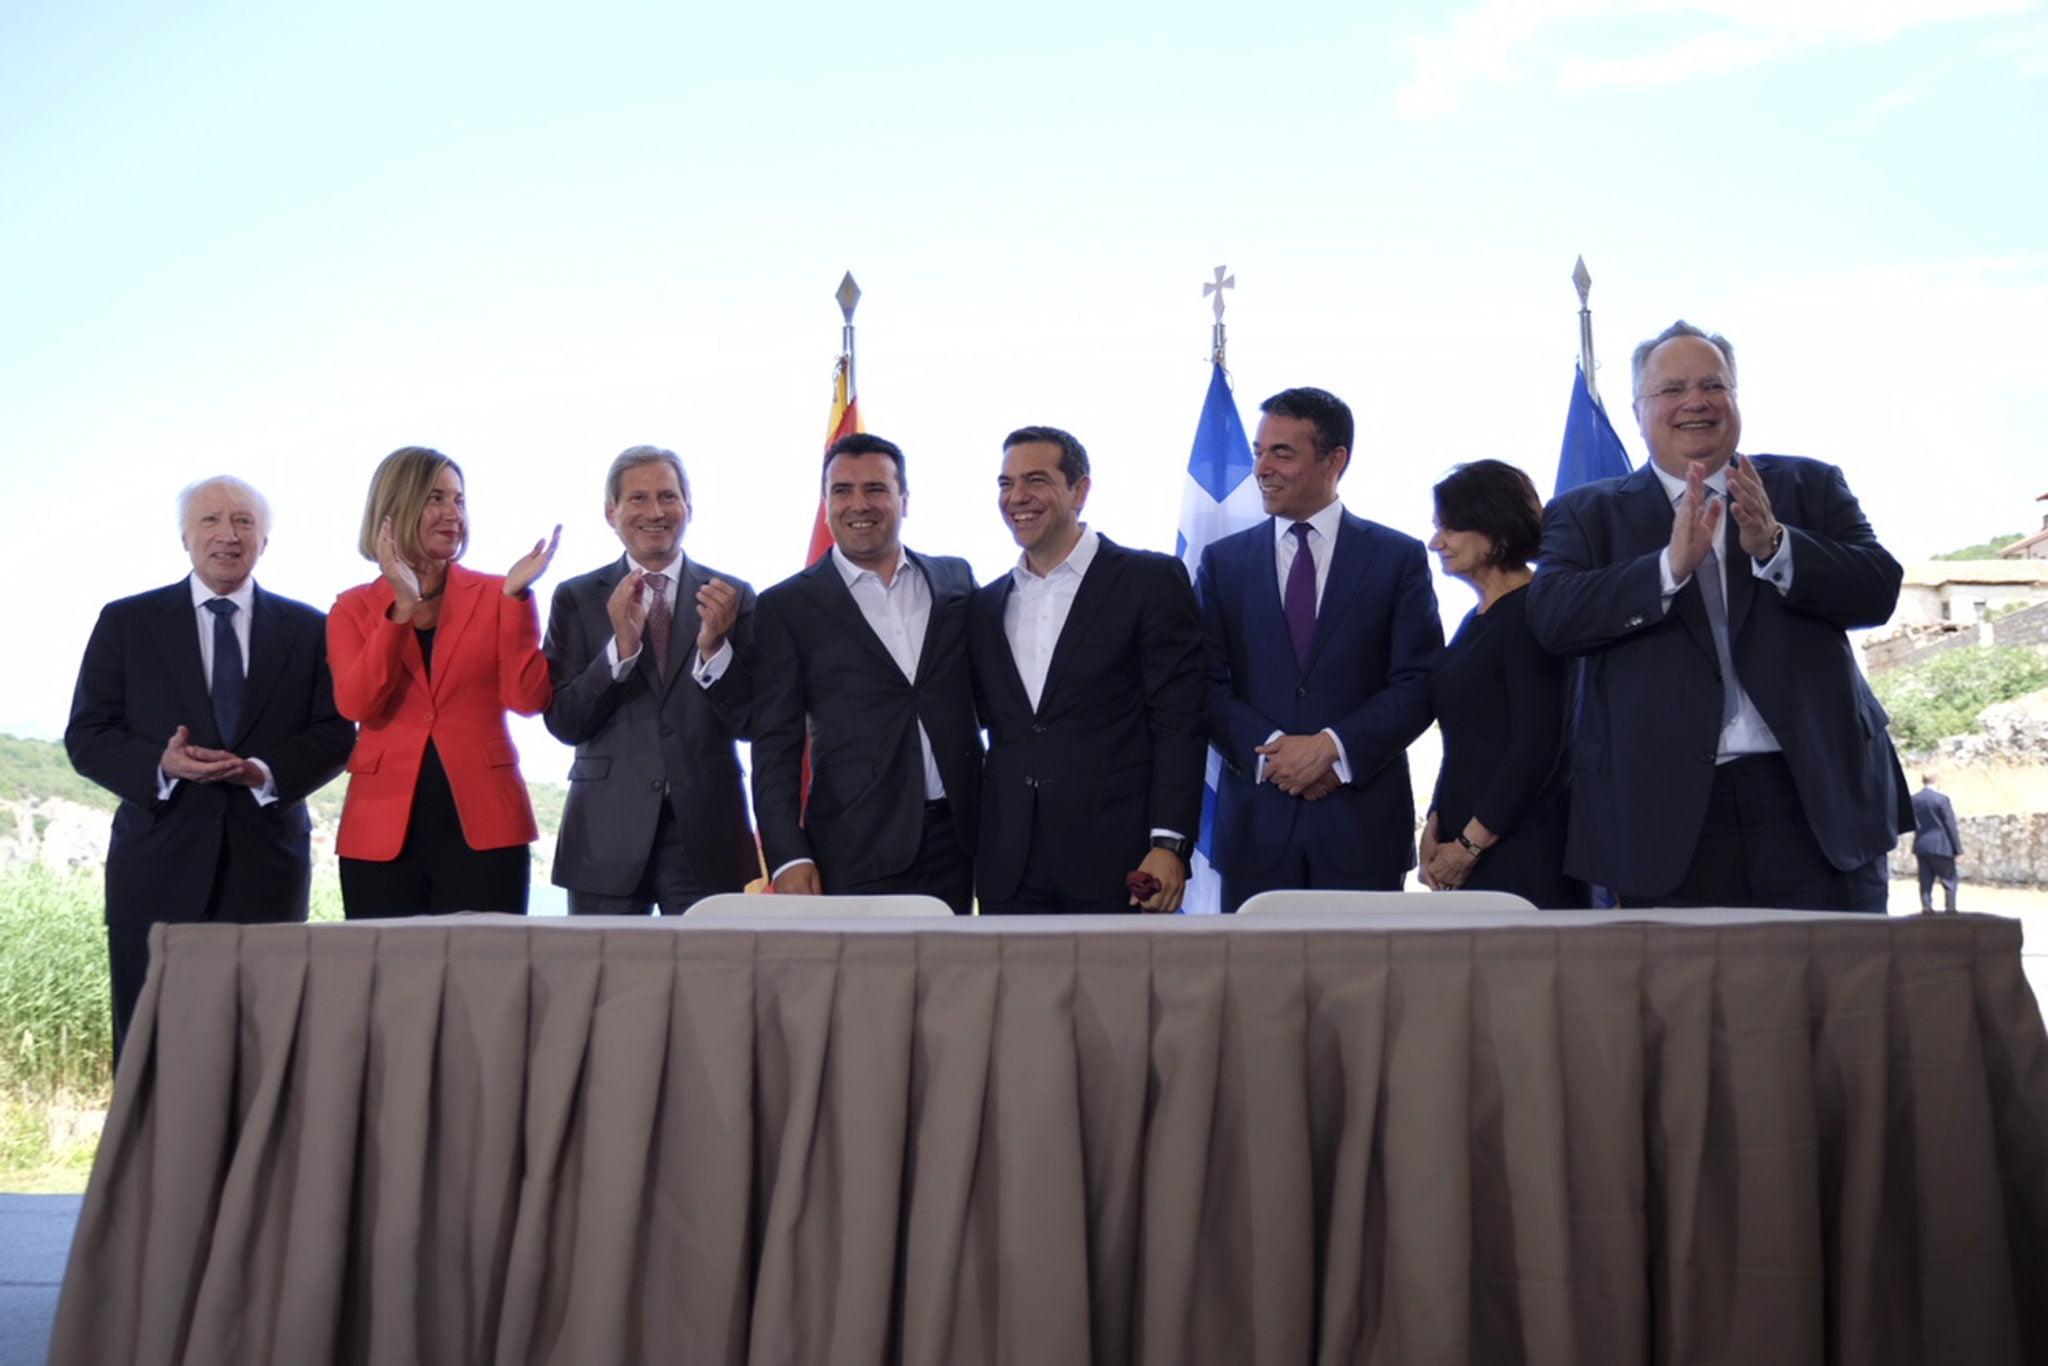 Photo of Νέες αγωγές κατά του ελληνικού δημοσίου από ενώσεις και σωματεία για το Μακεδονικό-Συμφωνία Πρεσπών.